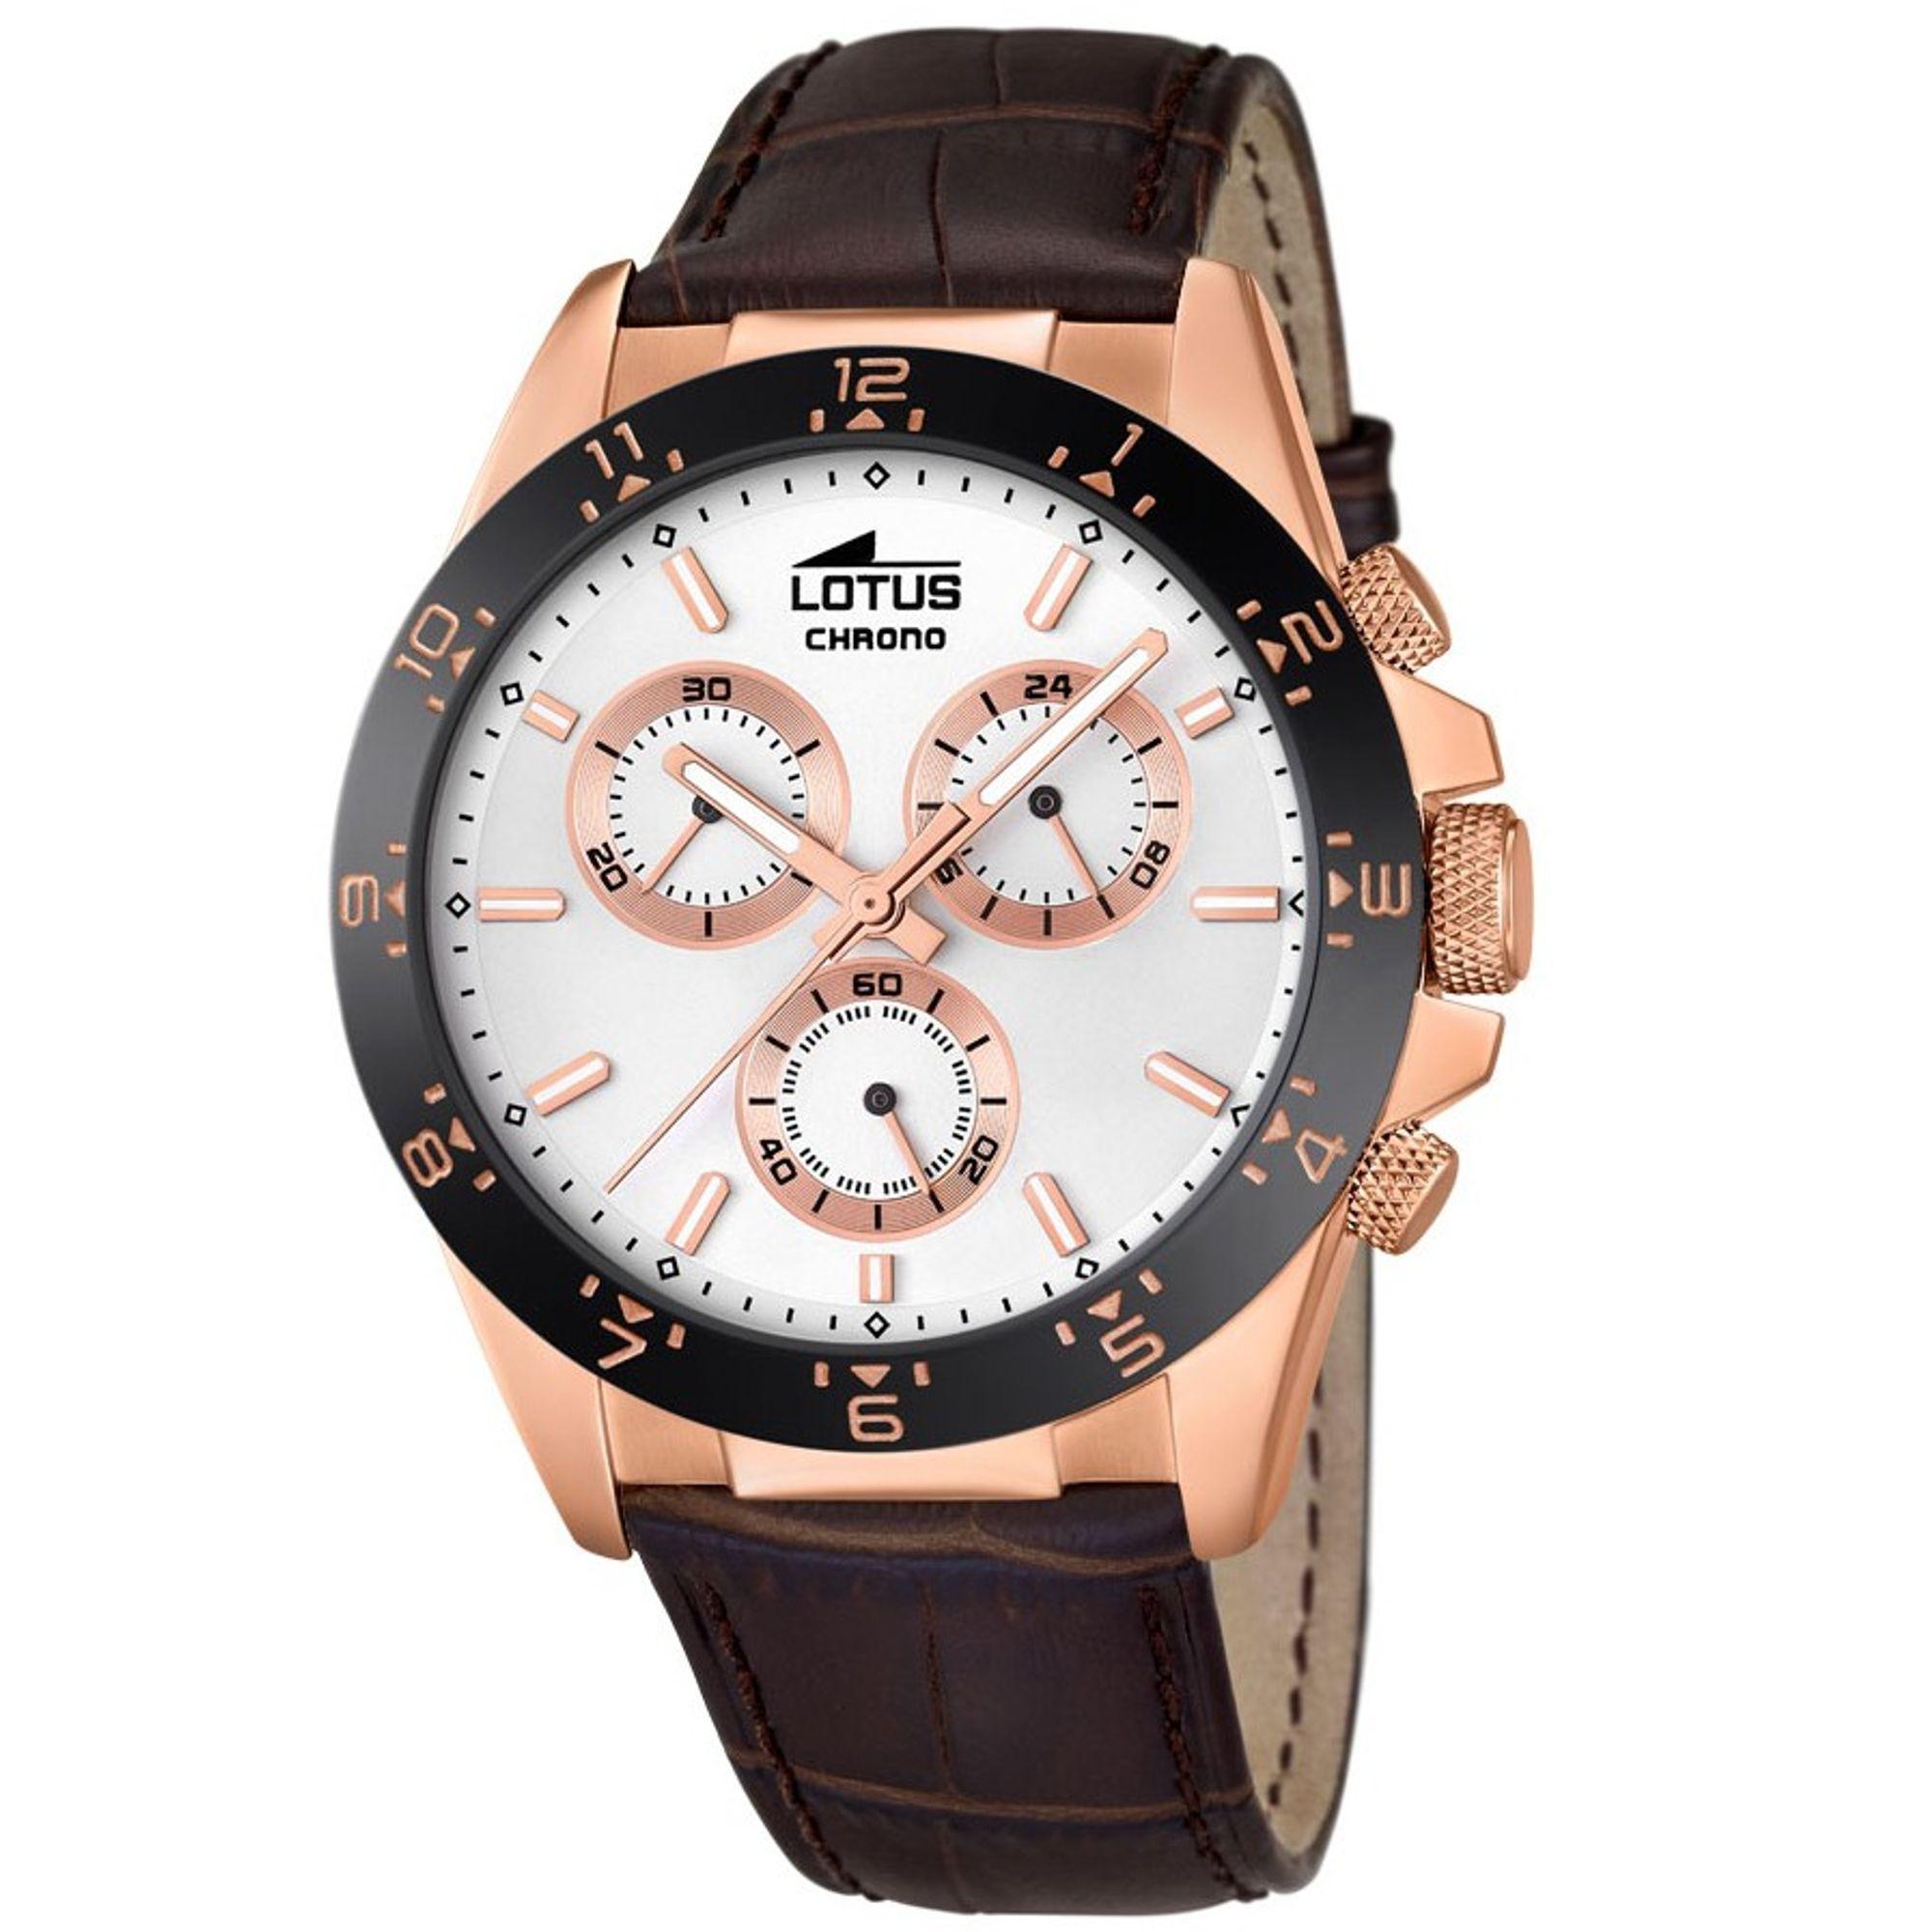 LOTUS BELFORT Chronograph Uhr Herrenuhr Lederarmband braun rosé